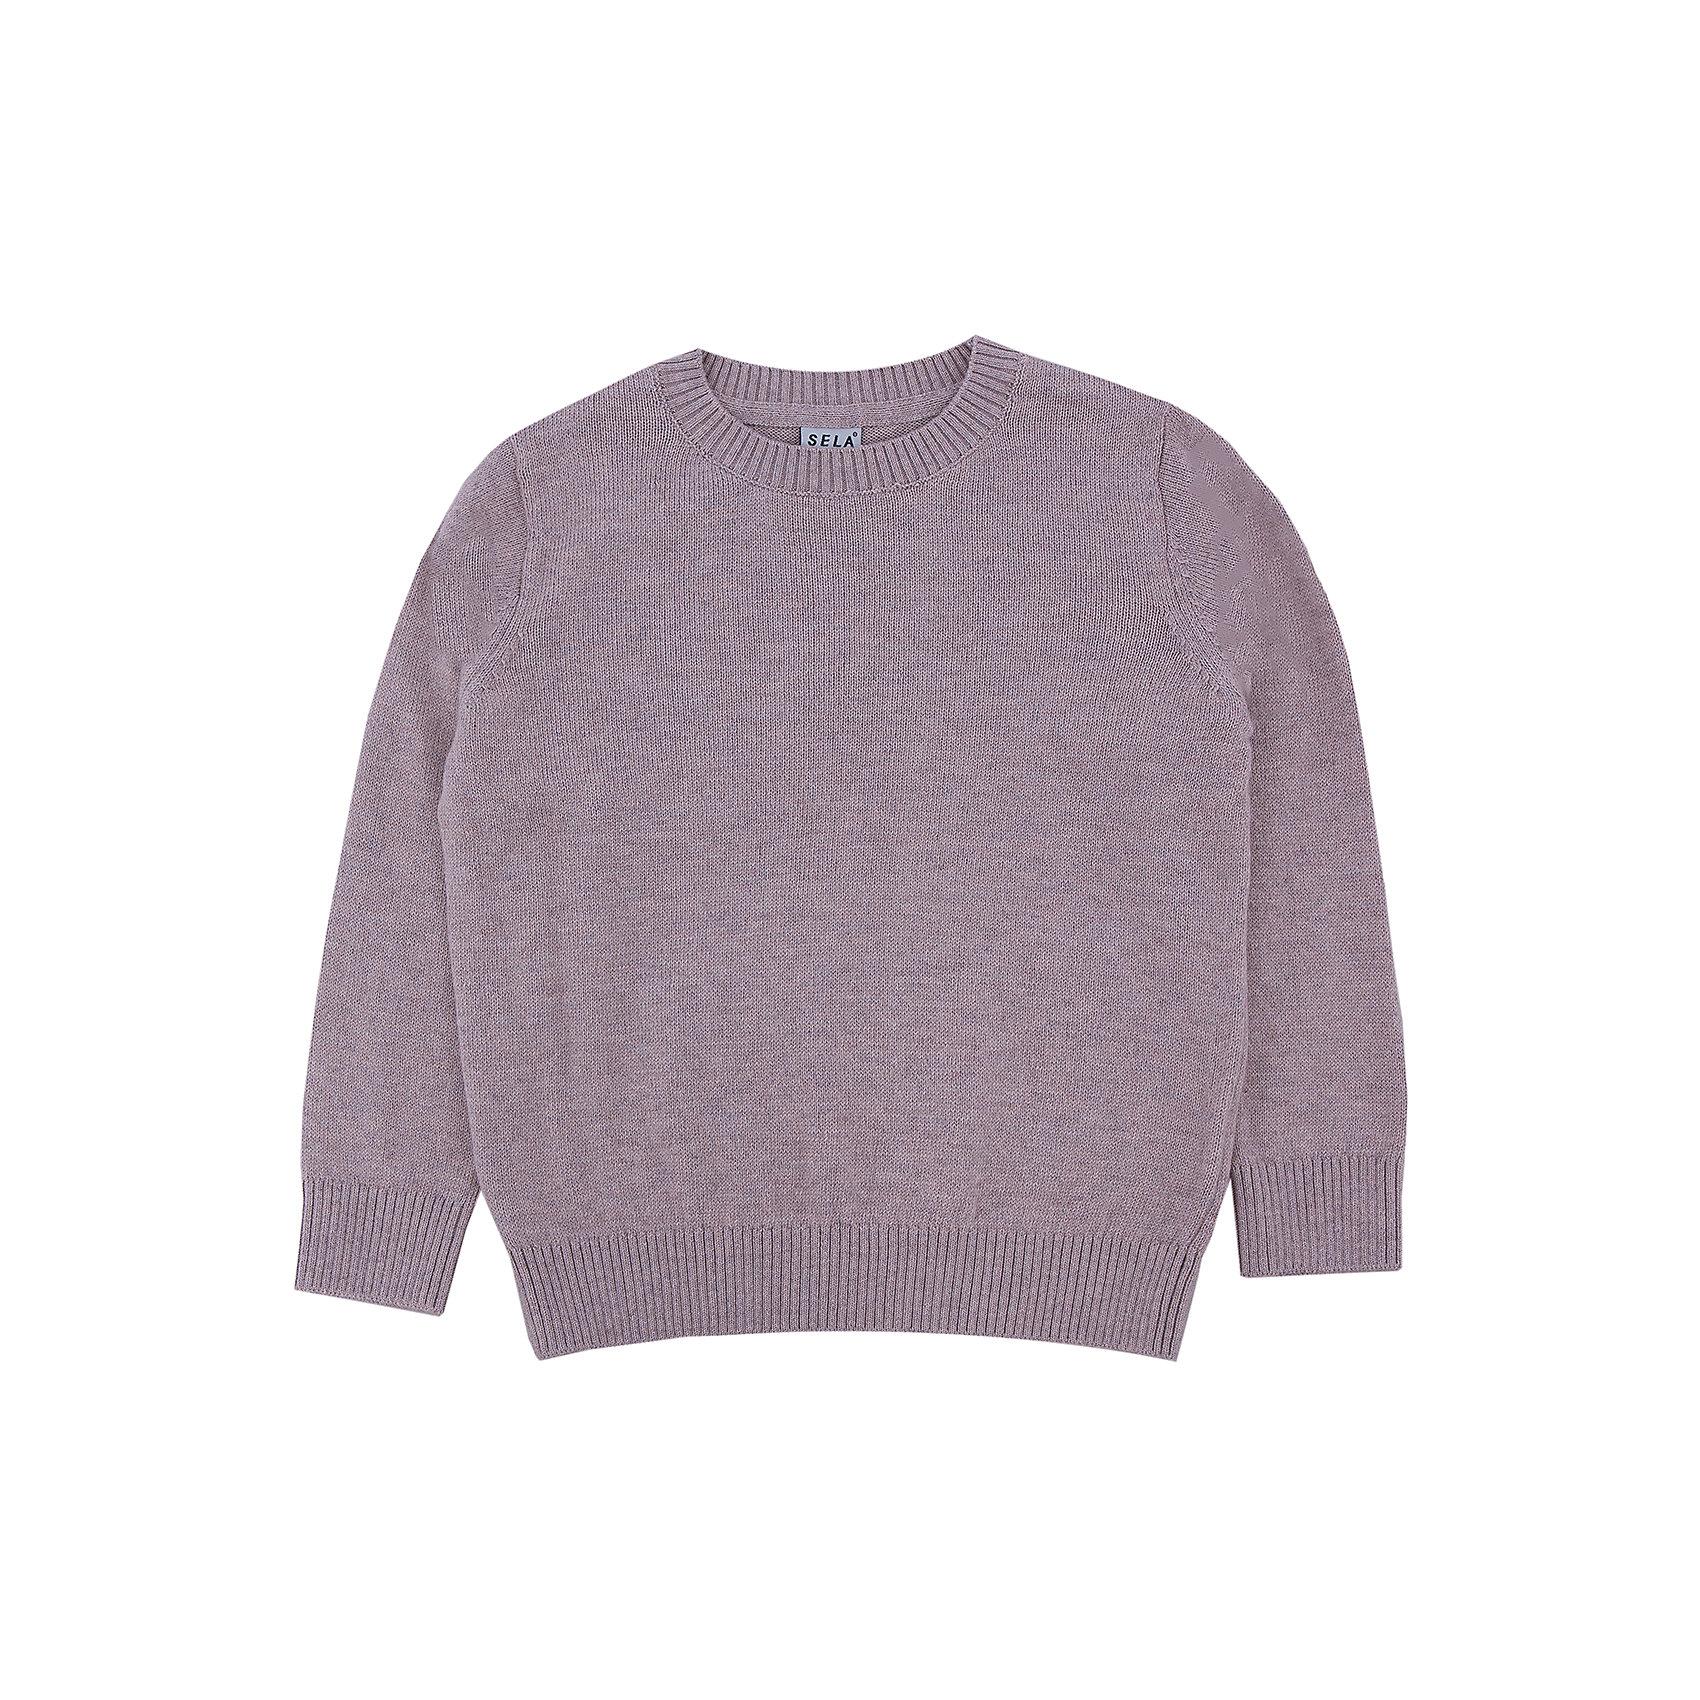 Джемпер для мальчика SELAДетская одежда от SELA - это качество и отличные цены. Джемпер для мальчика из новой коллекции – необходимая вещь, чтобы выглядеть стильно в новом сезоне. Модель выполнена в классическом базовом стиле, что позволят комбинировать джемпер с любыми вещами и для любого случая. В изделии использована шерсть, которая делает модель не только модной, но и теплой. У джемпера на горле и рукавах есть уплотненные резинки.<br>Все материалы, использованные в создании изделия,  отвечают современным стандартам по качеству и безопасности продукции.<br>Дополнительная информация:<br>цвет: бежевый;<br>состав:  60% хлопок, 10% шерсть, 30% нейлон;<br>Длинный рукав<br>Силуэт прямой<br>Джемпер для мальчика от компании SELA можно приобрести в нашем магазине.<br><br>Ширина мм: 190<br>Глубина мм: 74<br>Высота мм: 229<br>Вес г: 236<br>Цвет: бежевый<br>Возраст от месяцев: 60<br>Возраст до месяцев: 72<br>Пол: Мужской<br>Возраст: Детский<br>Размер: 116,98,110,92,104<br>SKU: 4913126